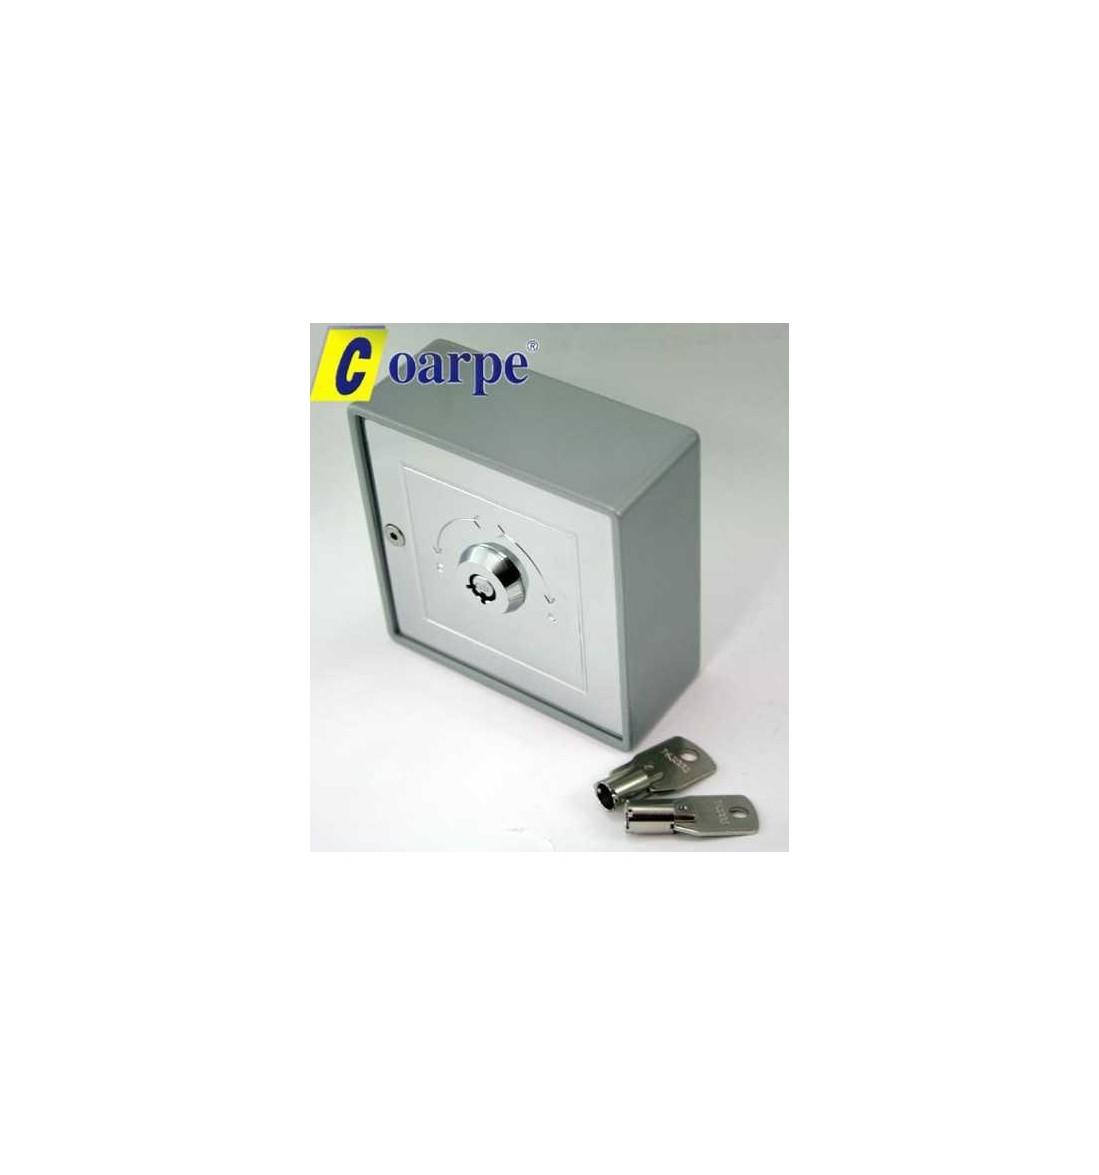 Cerradura de contacto salida llave 2 posiciones